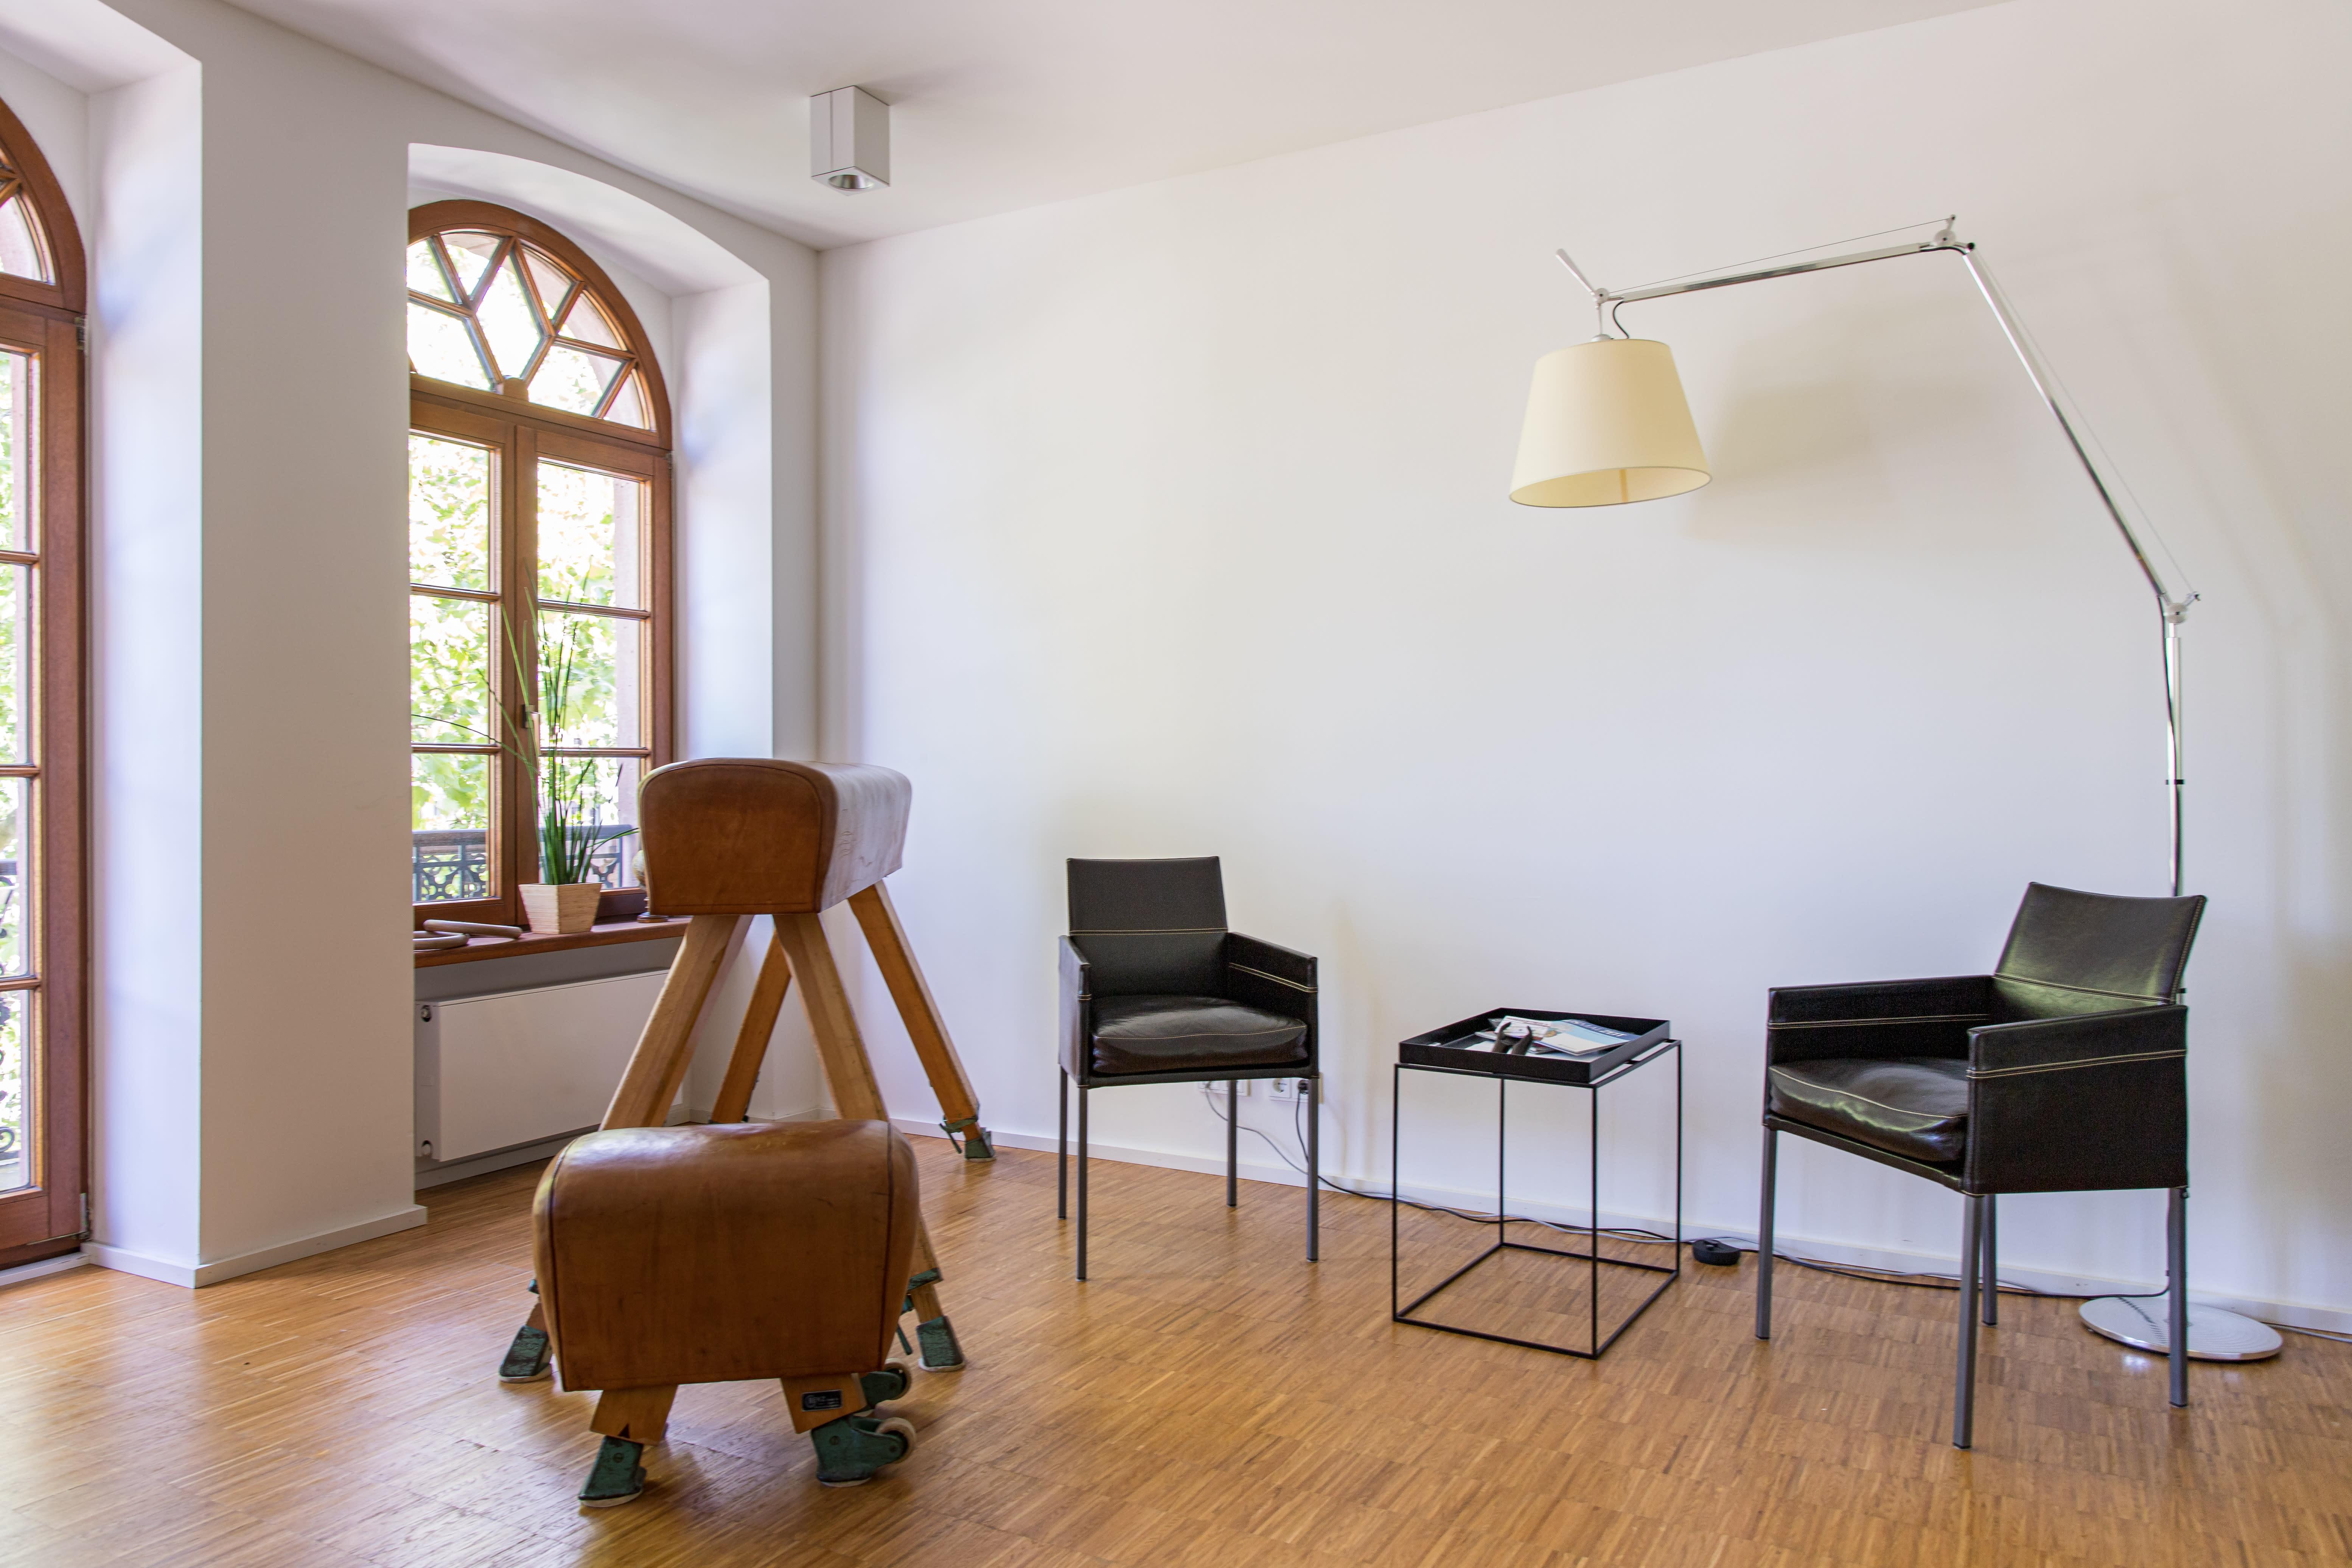 Eingangsbereich mit Sessel und Tisch